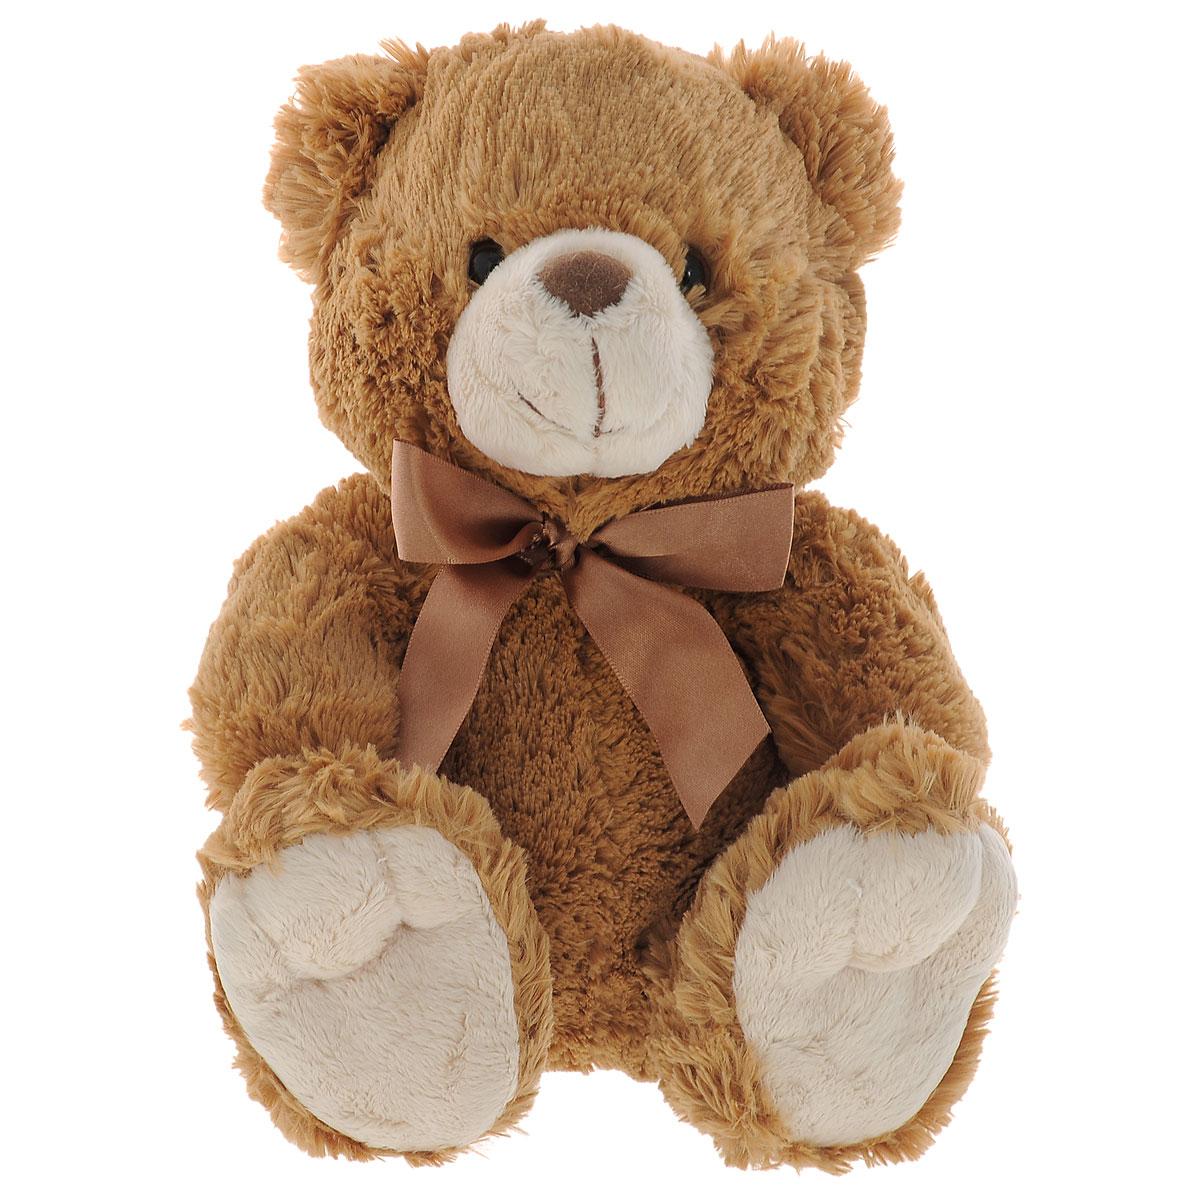 Мягкая игрушка Plush Apple Медведь, цвет: коричневый, молочный, 24 смK81002H,IМягкая игрушка Plush Apple Медведь станет лучшим другом для любого ребенка. Игрушка изготовлена из безопасных, приятных на ощупь текстильных материалов в виде медвежонка с бантиком на шее. Пластиковые гранулы, используемые при набивке игрушки, способствуют развитию мелкой моторики рук ребенка. Удивительно мягкая игрушка принесет радость и подарит своему обладателю мгновения нежных объятий и приятных воспоминаний. Порадуйте ребенка такой игрушкой.